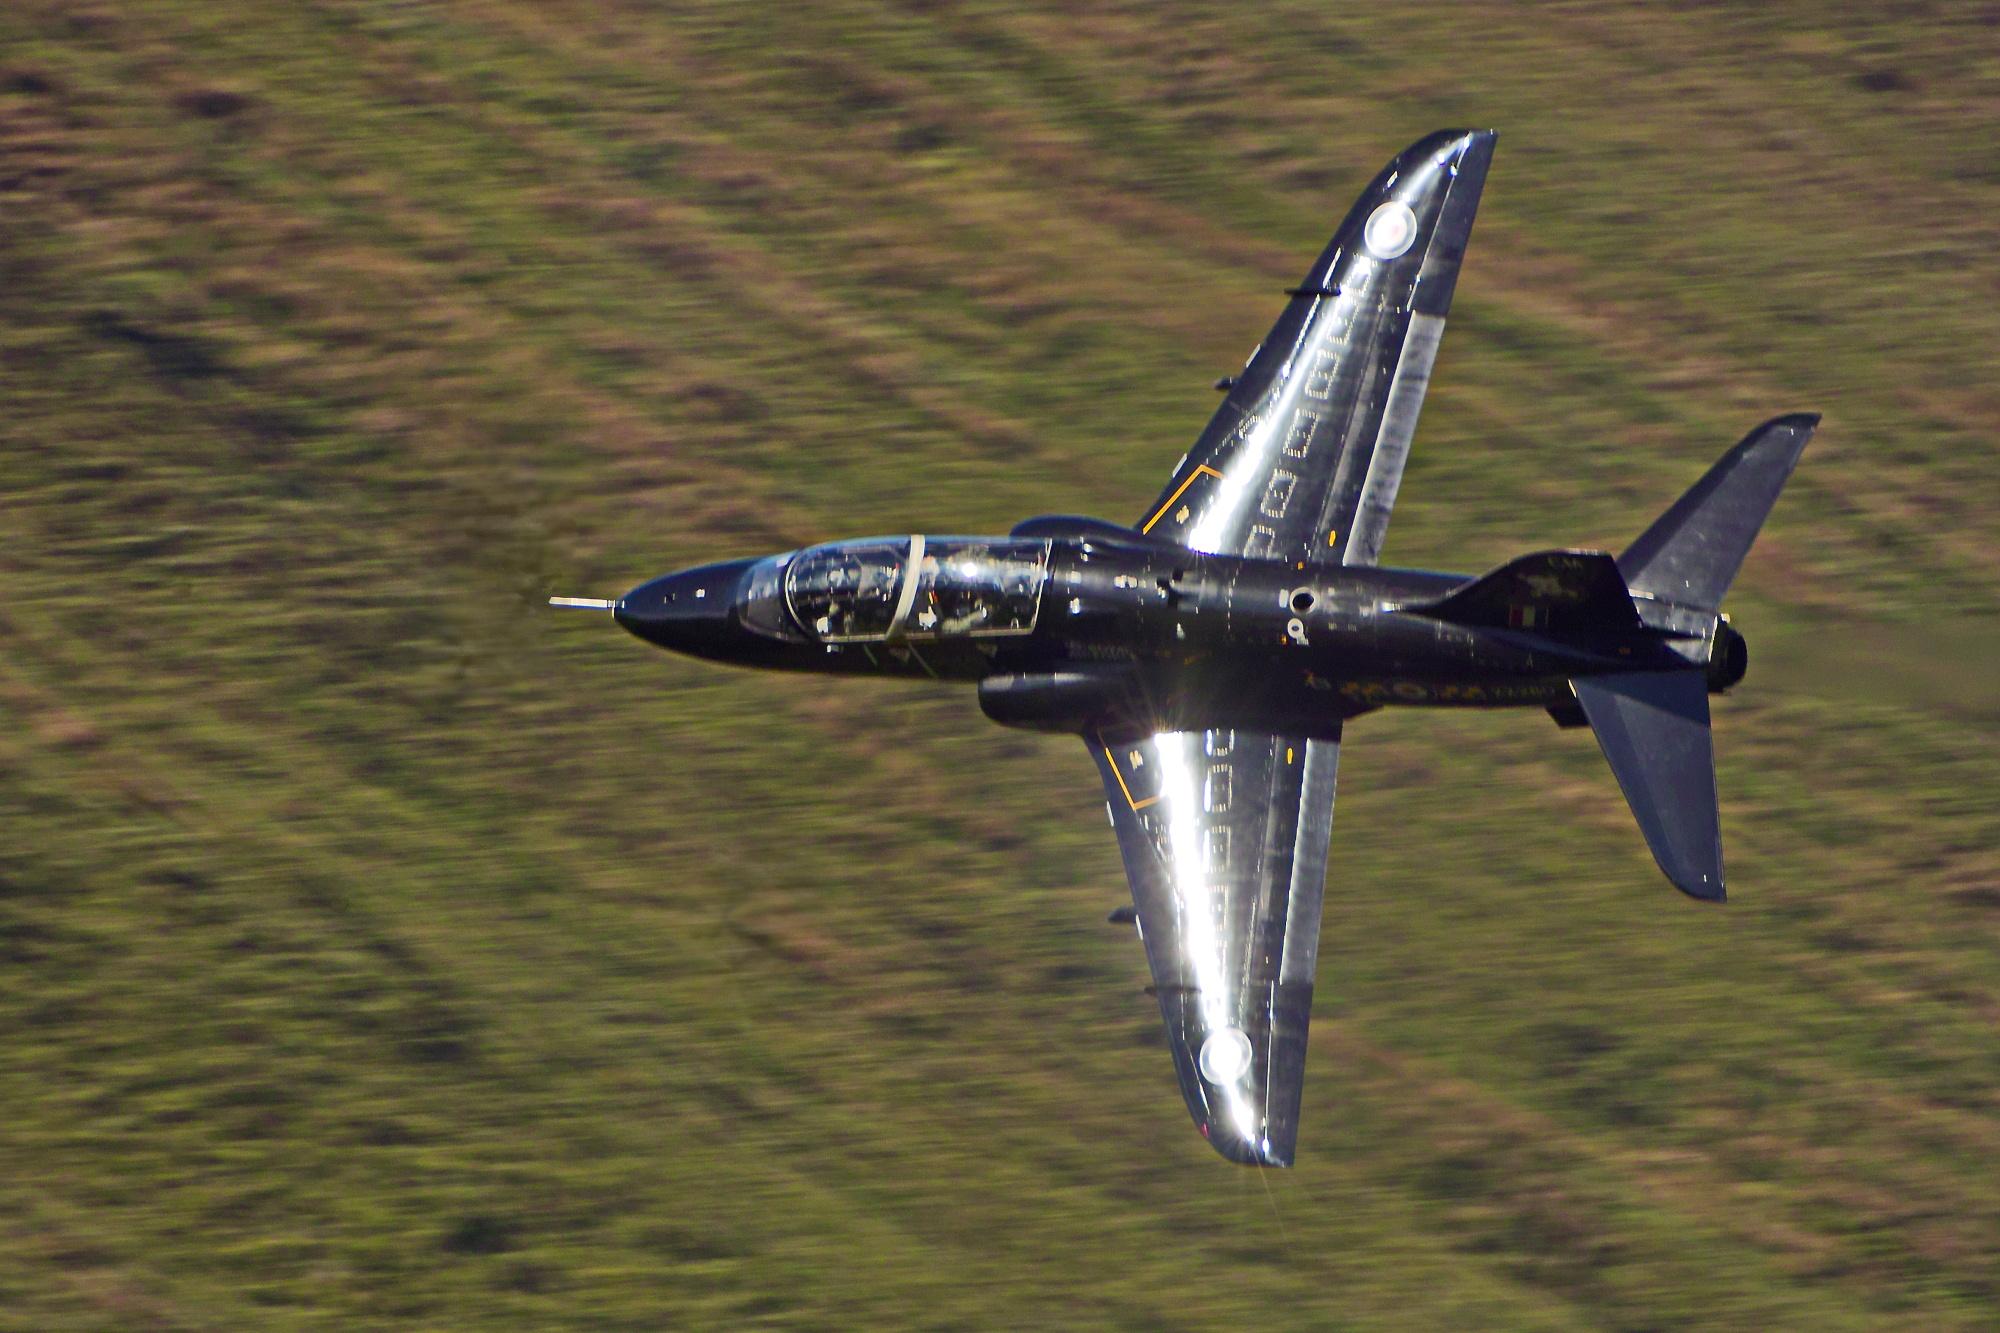 Hawk low flying